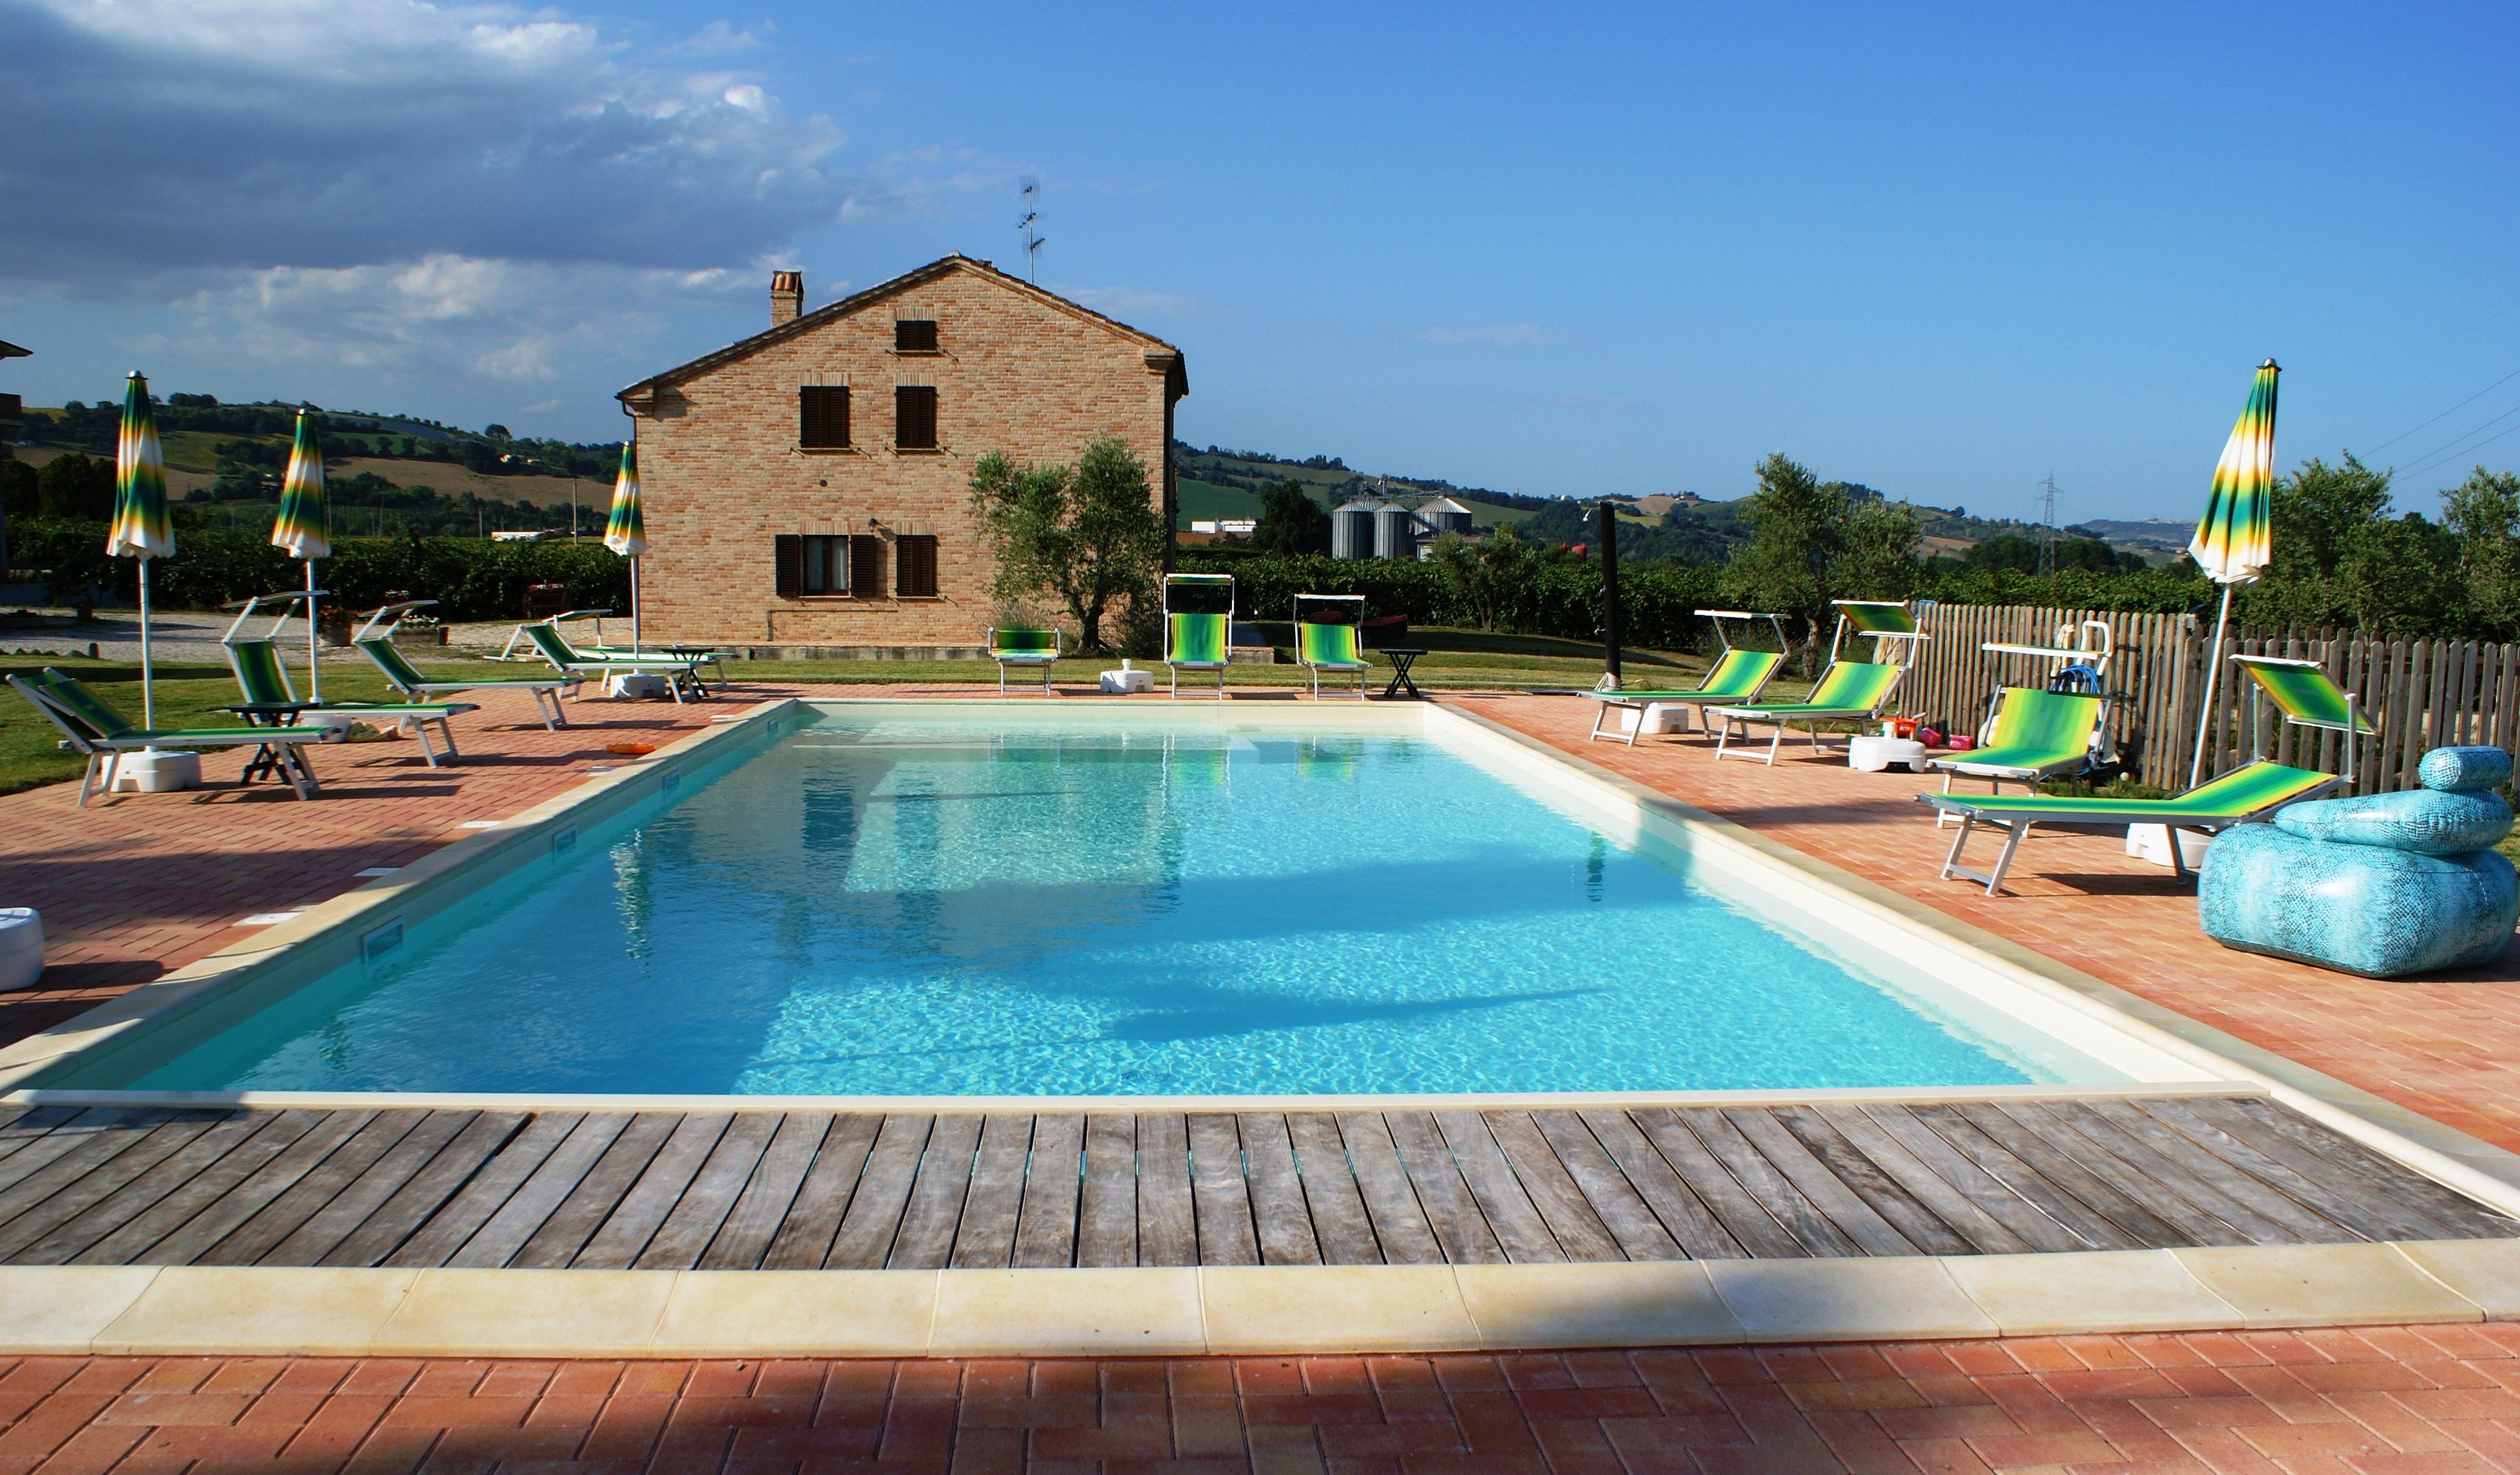 Agriturismo con piscina marche agriturismo villa cru for Villas con piscina